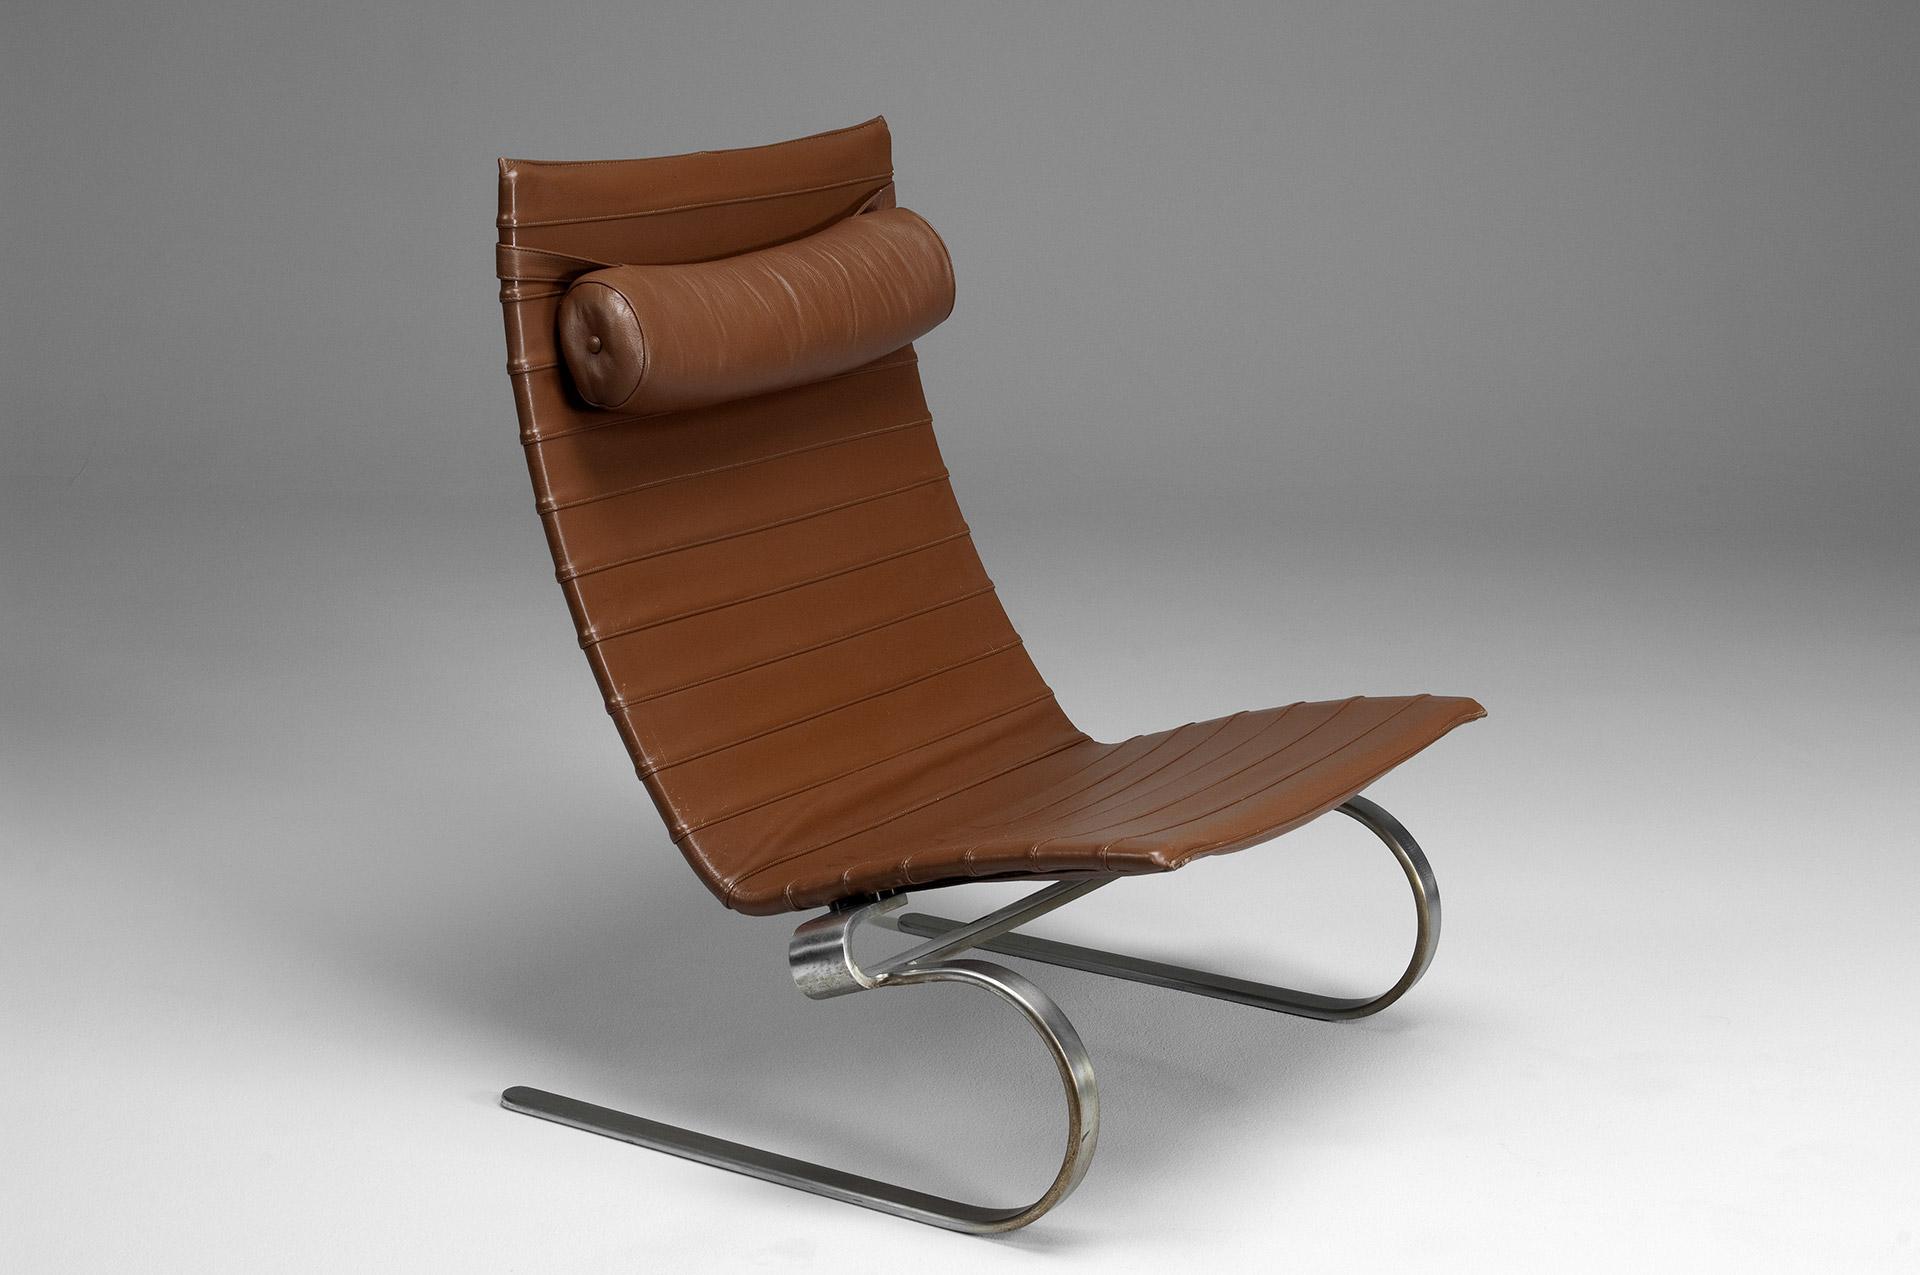 Jacksons Chair Pk20 Poul Kjaerholm